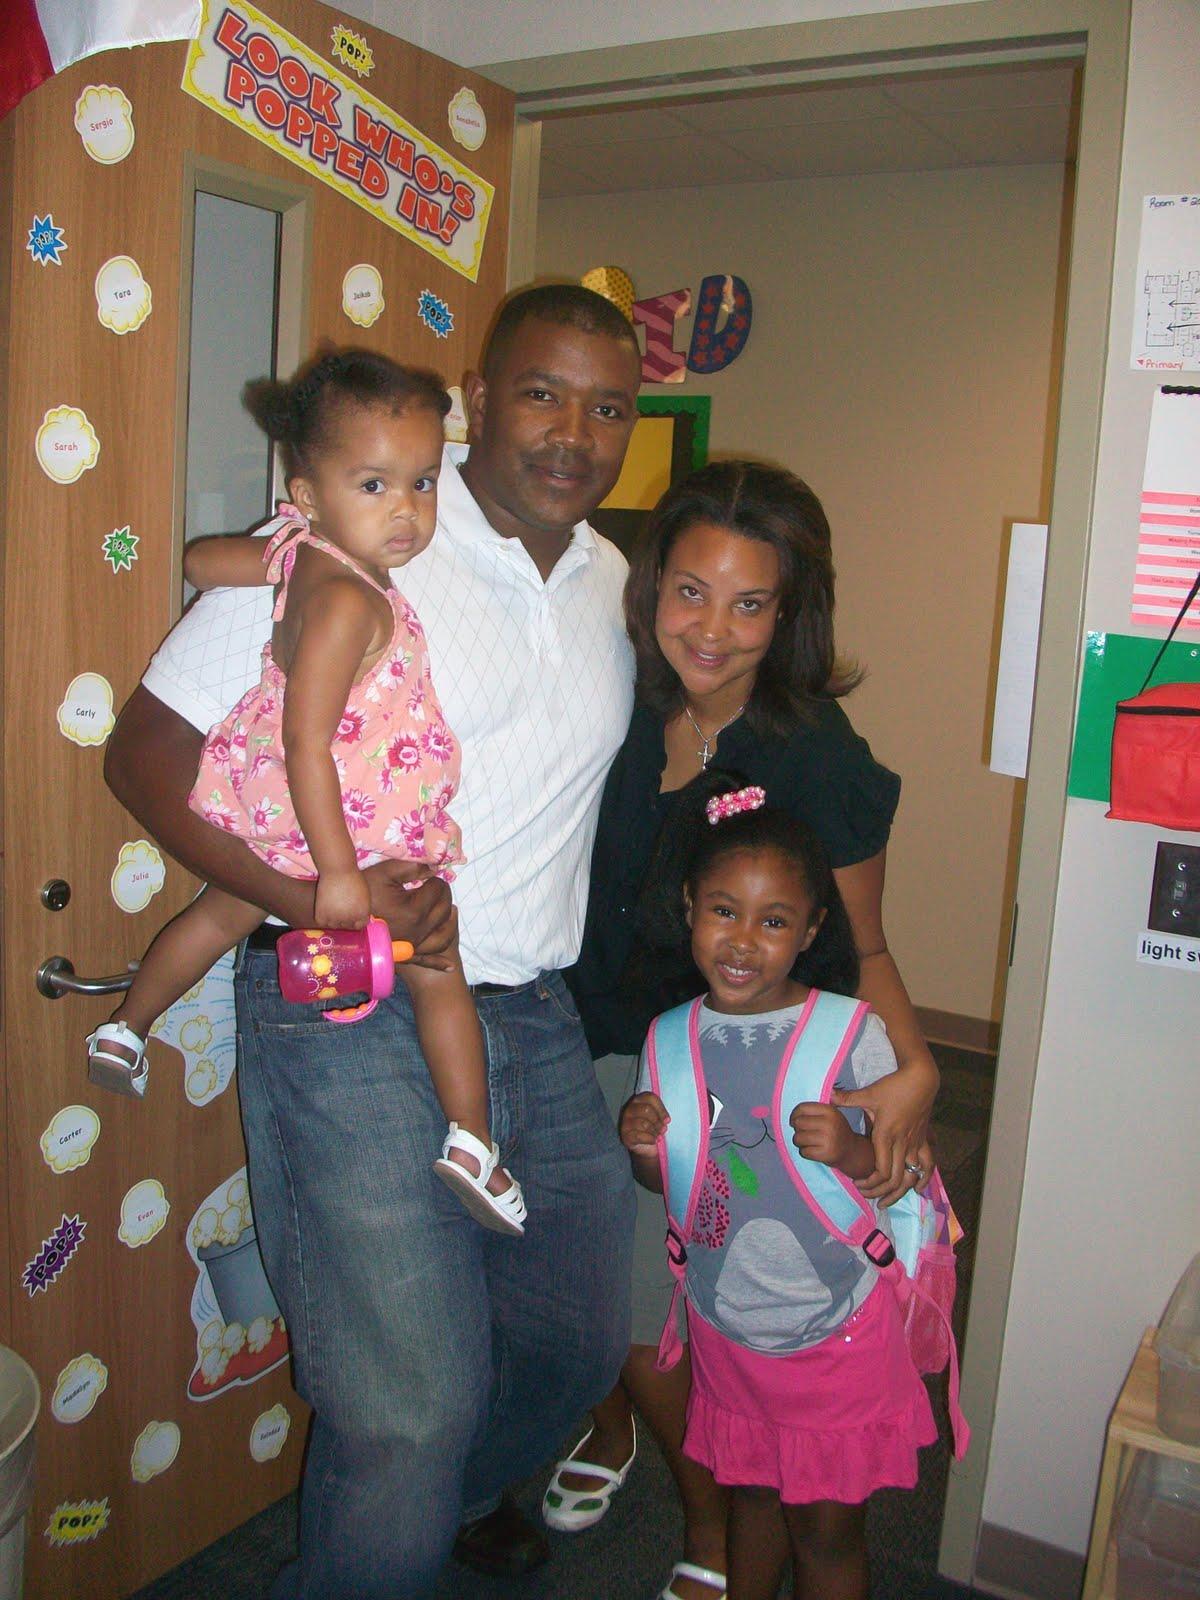 http://2.bp.blogspot.com/-B4wM6VklLUY/TlN_ti-9U0I/AAAAAAAAB8M/RuRV_EKv4PA/s1600/Soledad_family_school.JPG